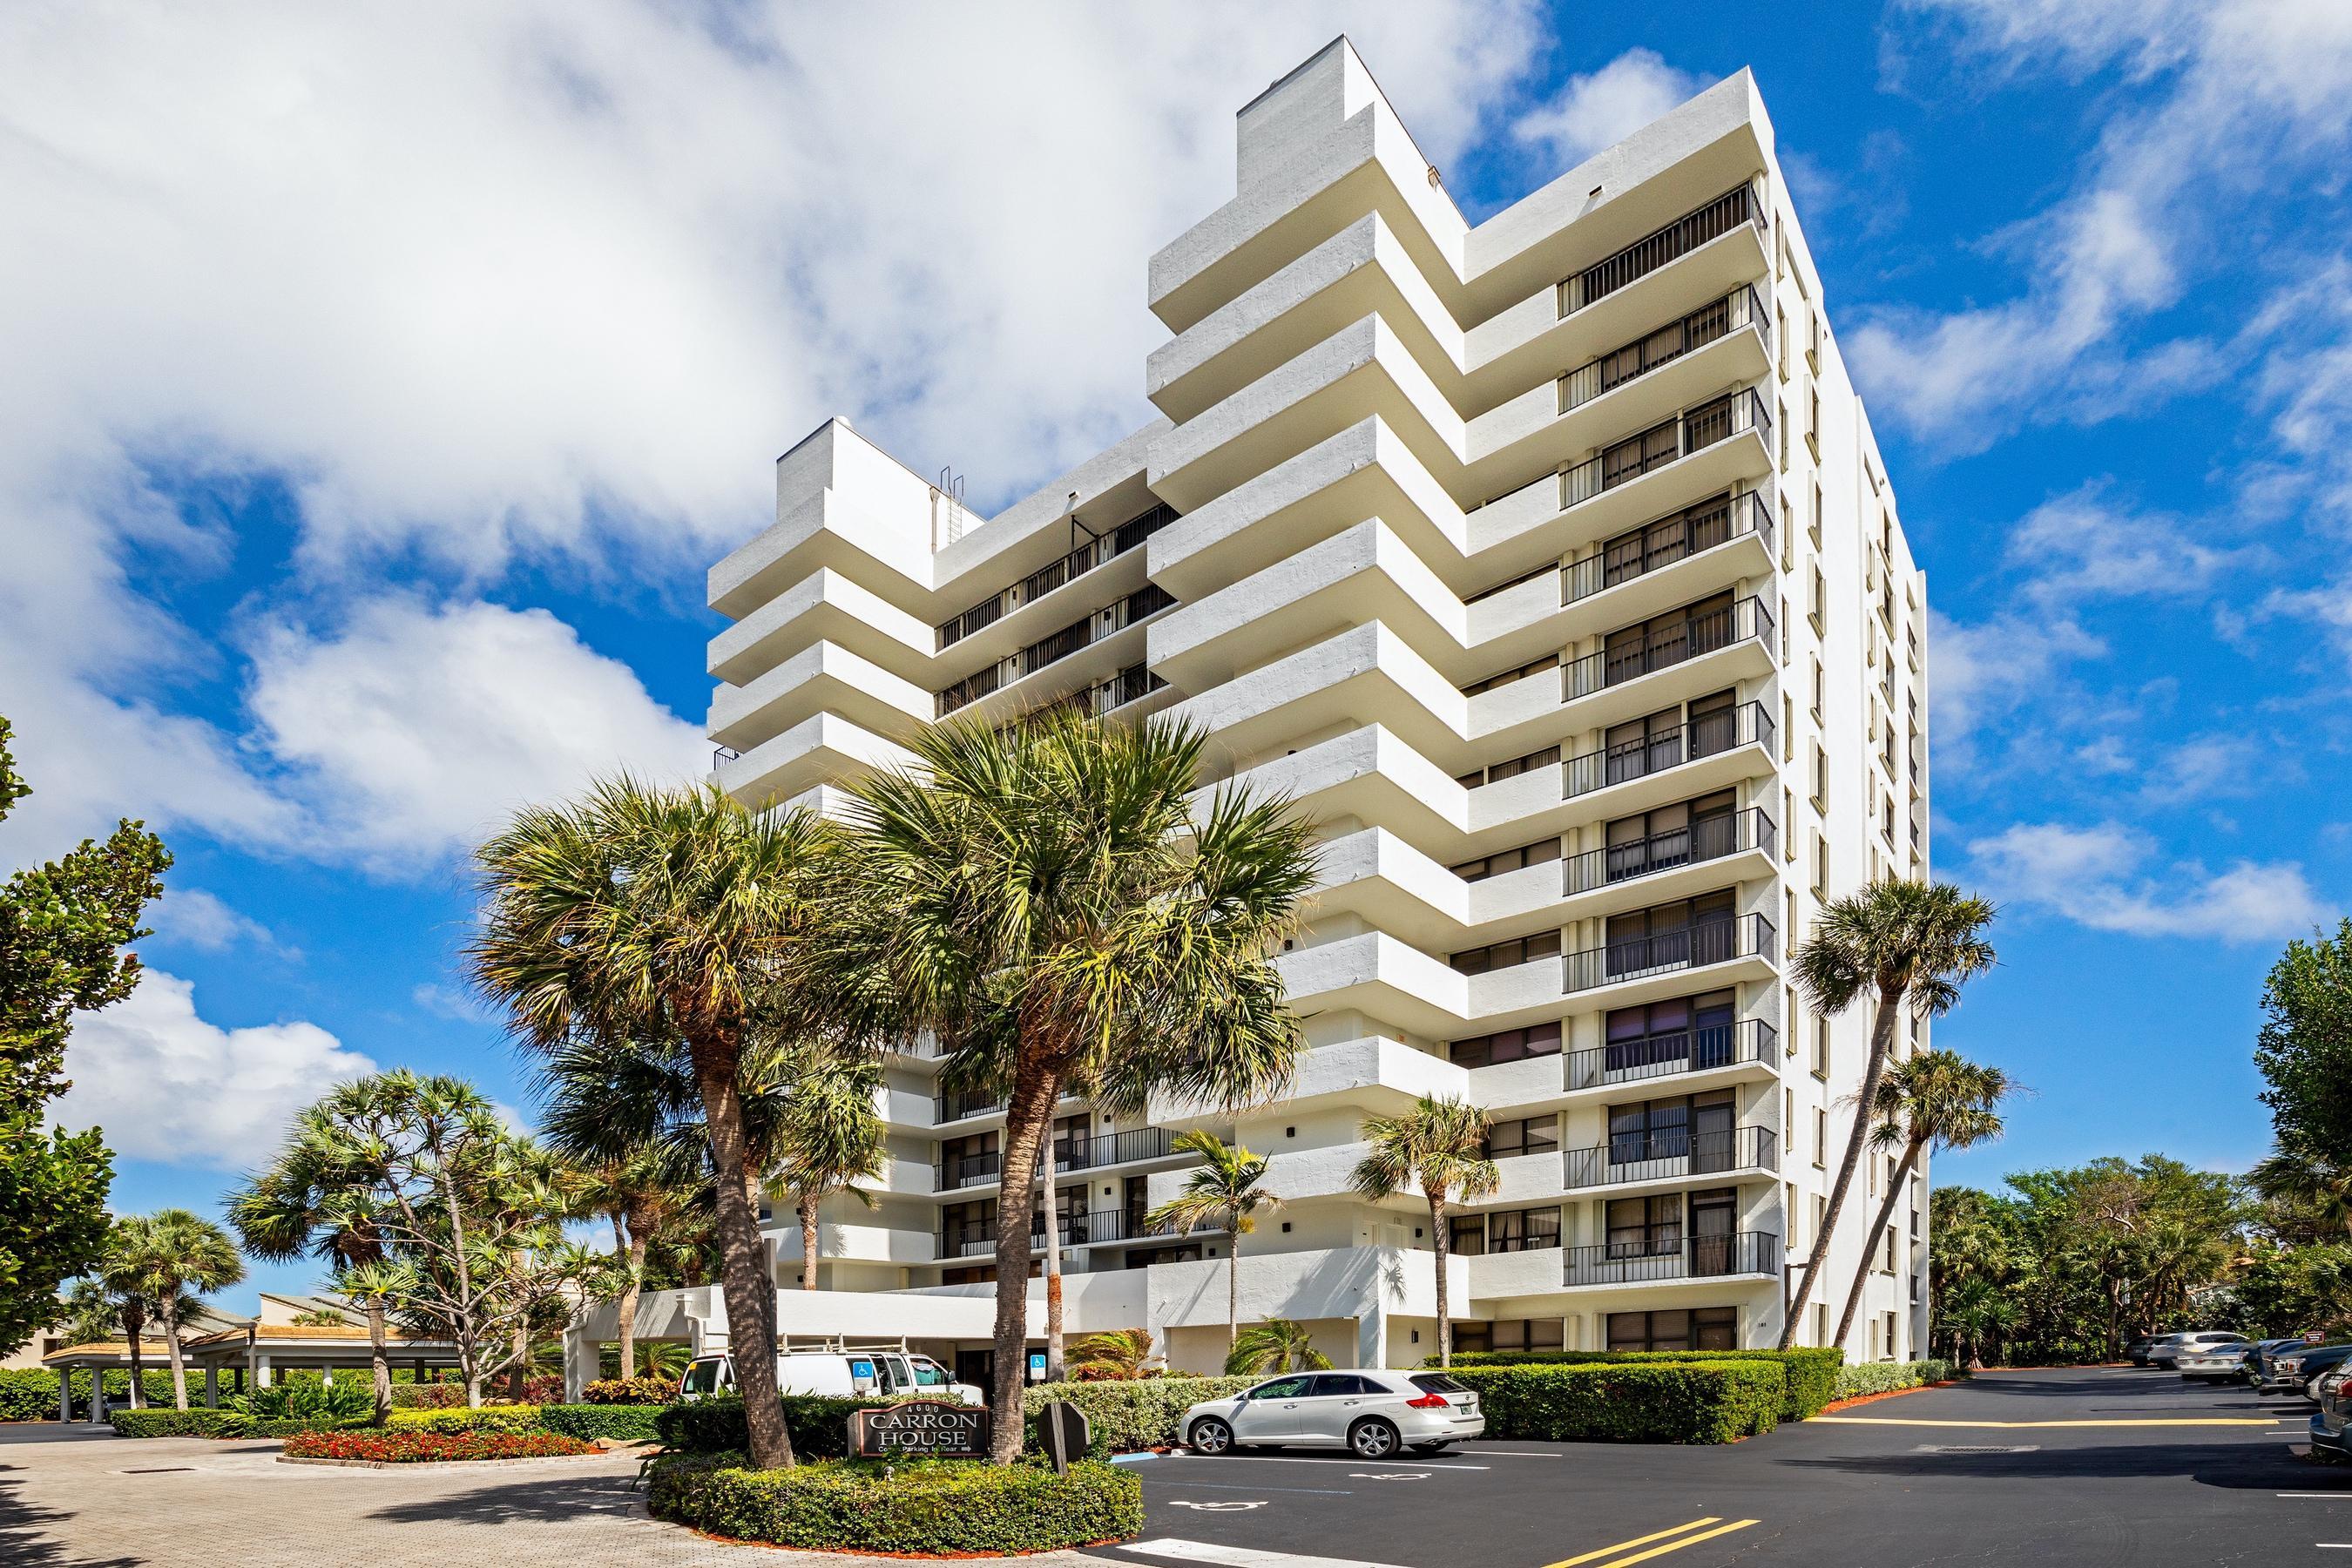 4600 S Ocean Boulevard, 602 - Highland Beach, Florida